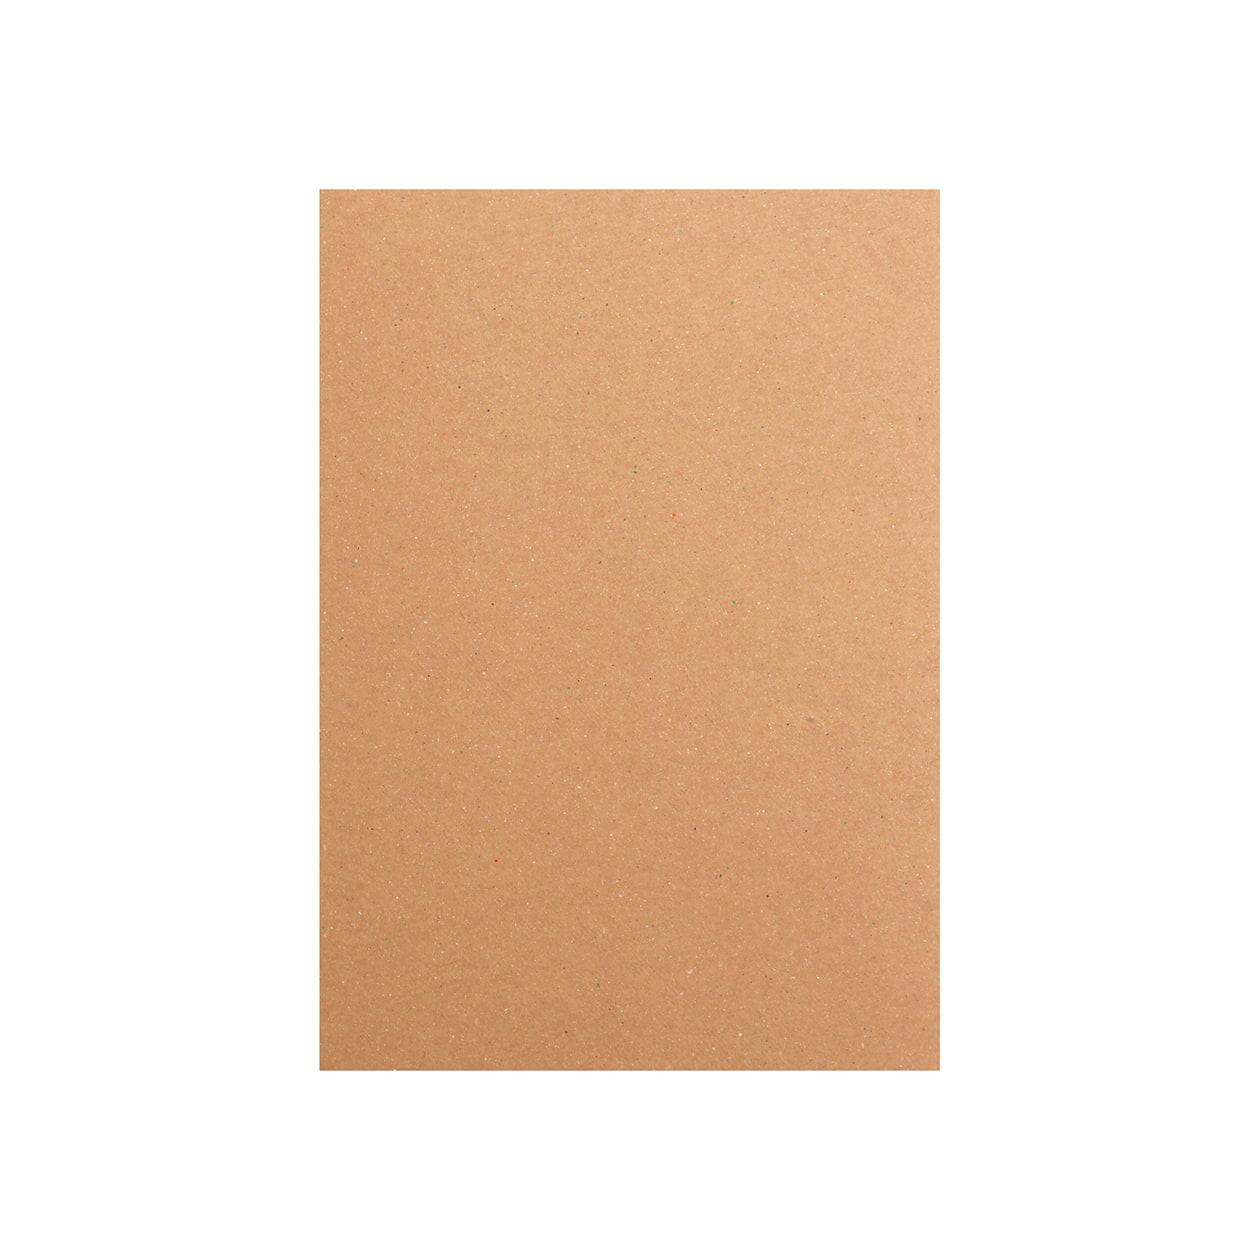 A5カード ボード紙 ブラウン 450g